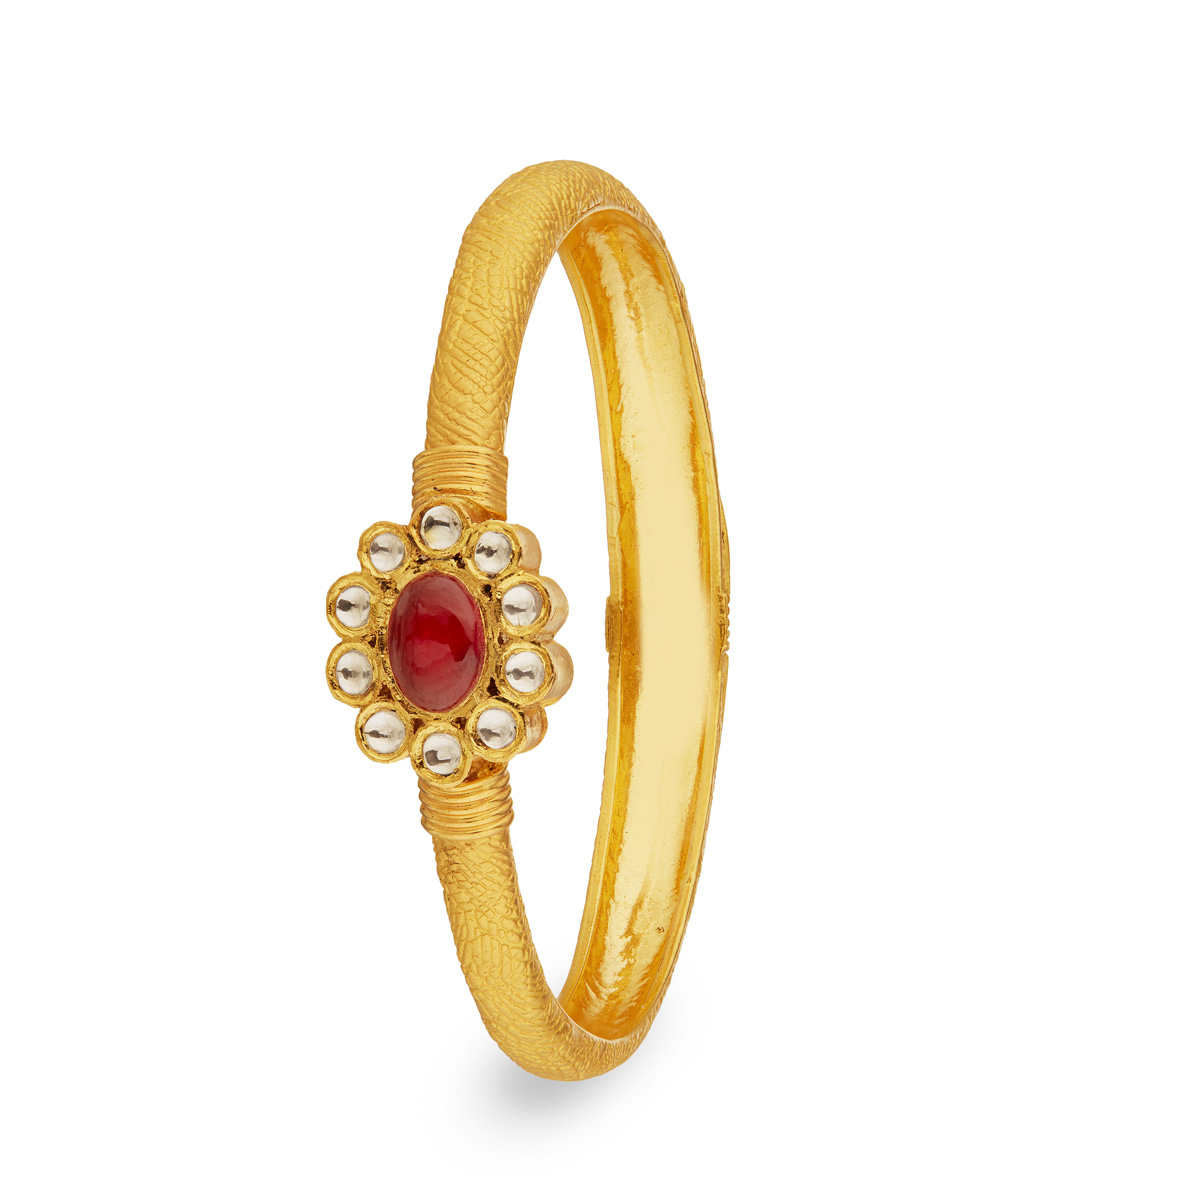 Charming Floral Bracelet